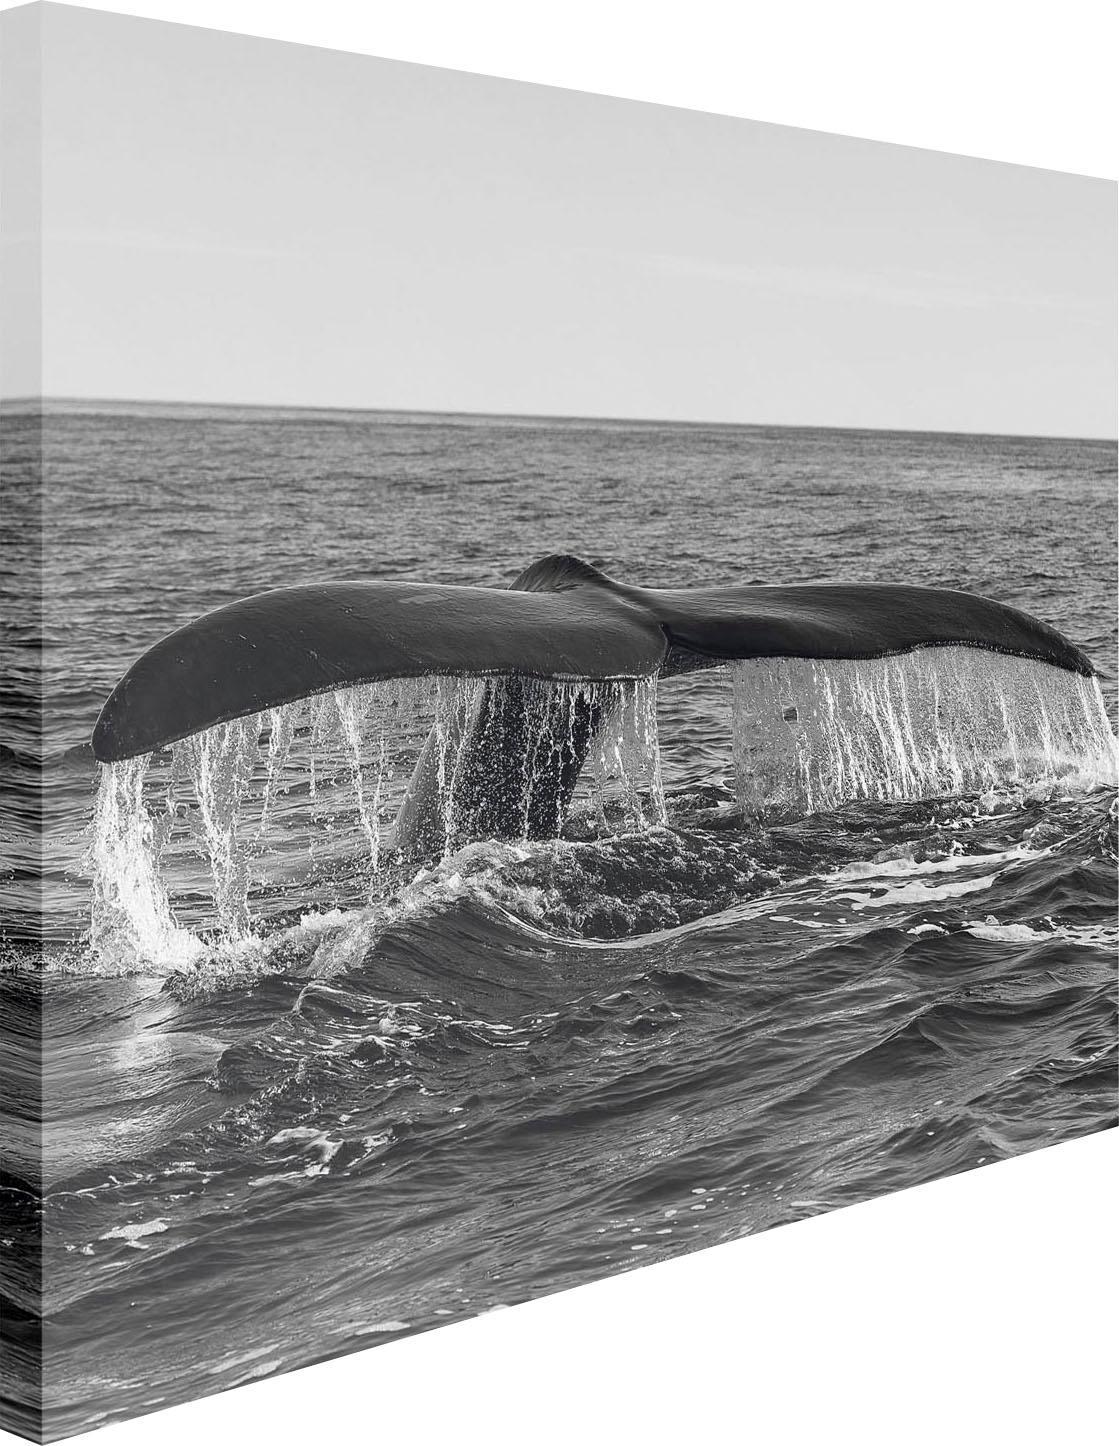 Leinwandbild Walflosse 100/140 cm